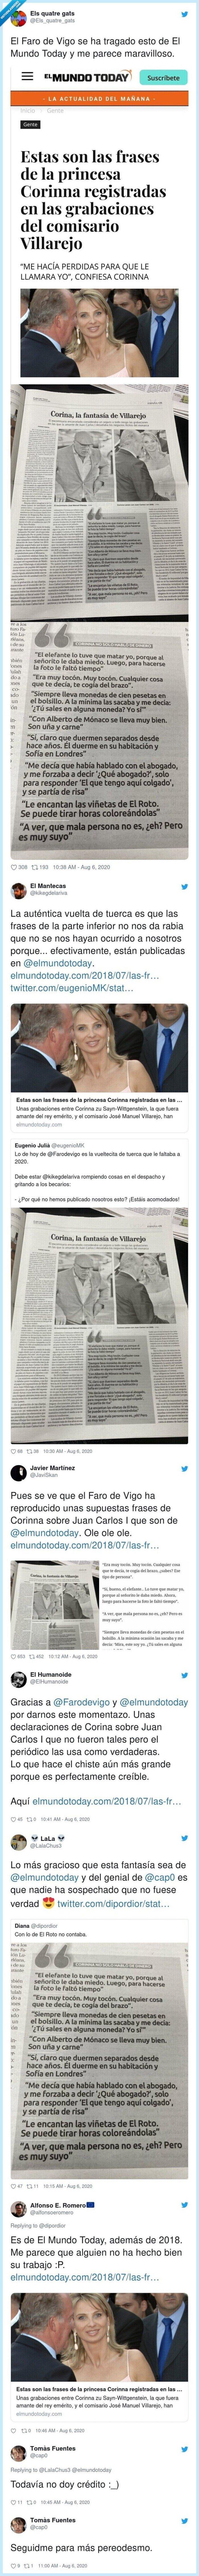 651800 - Cachondeo extremo en Twitter con 'El Faro de Vigo' por tragarse estas frases fake de Corinna sobre Juan Carlos I que se inventó 'El Mundo Today' y hacerlas pasar como reales